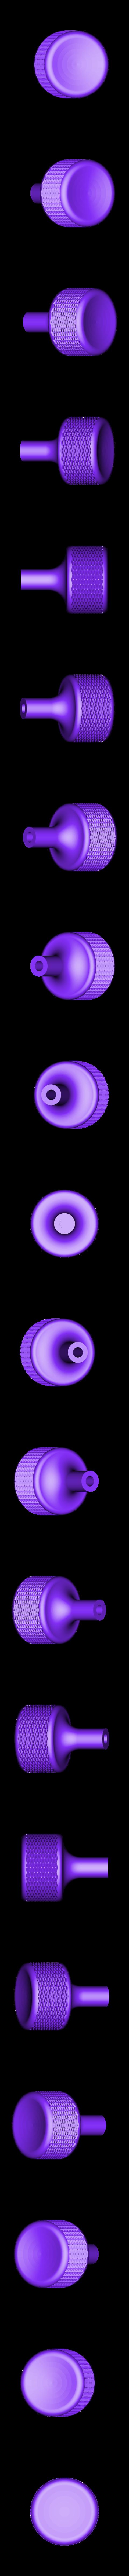 Knob.stl Télécharger fichier STL gratuit Tranches de guidage • Design à imprimer en 3D, Hectdiaf